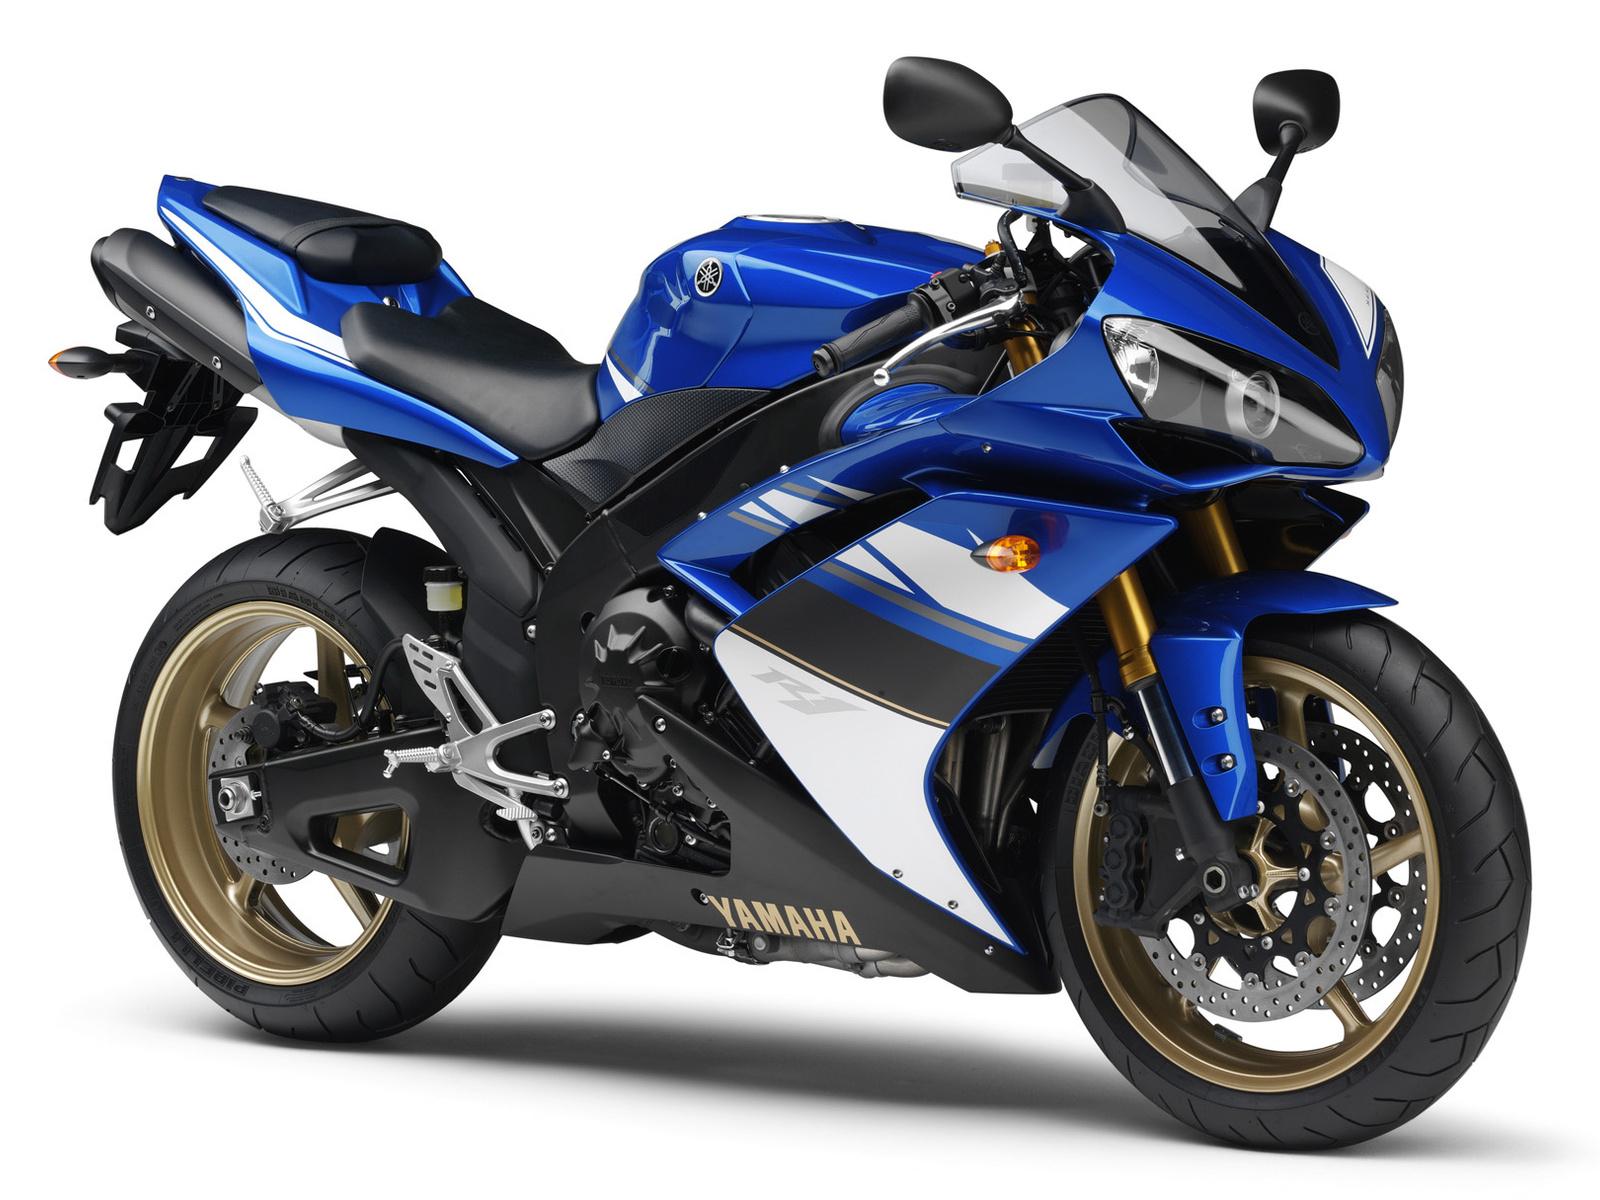 Контакты : RSS : Рассылка : Баннеры.  Бренд Yamaha представил обновленный мотоцикл YZF-R1 образца 2012 года.